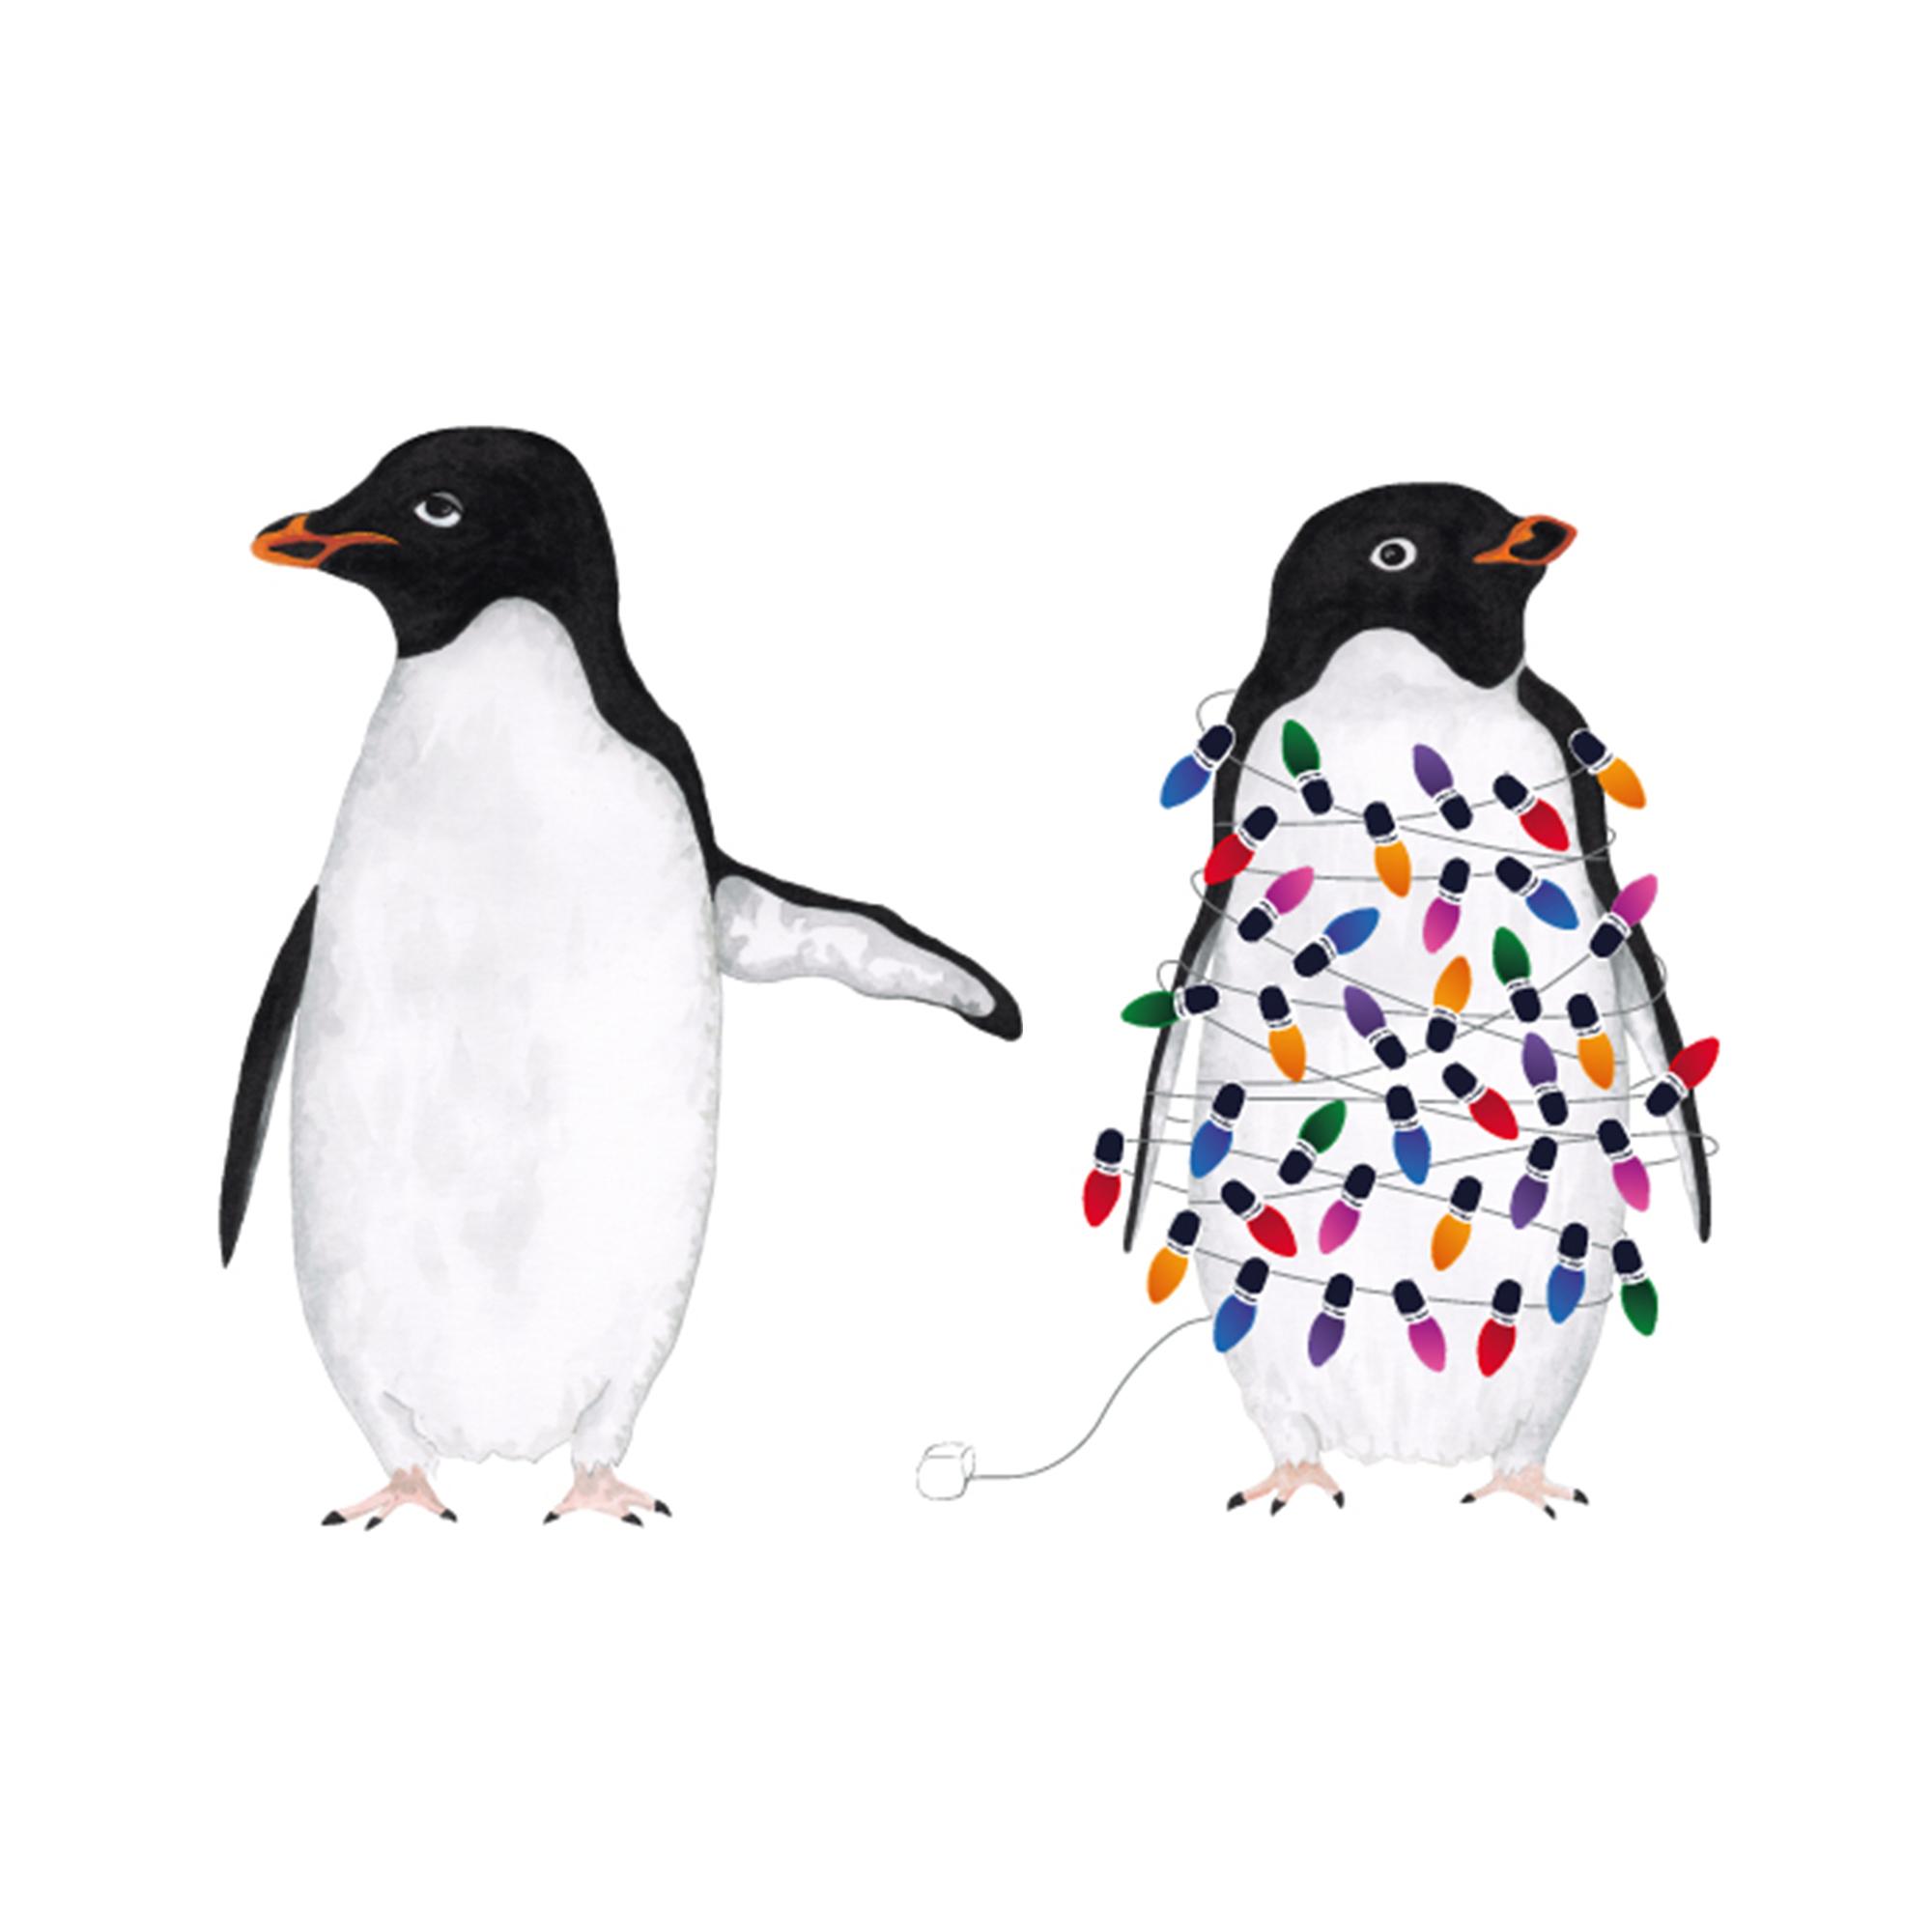 Penguinlights.jpg